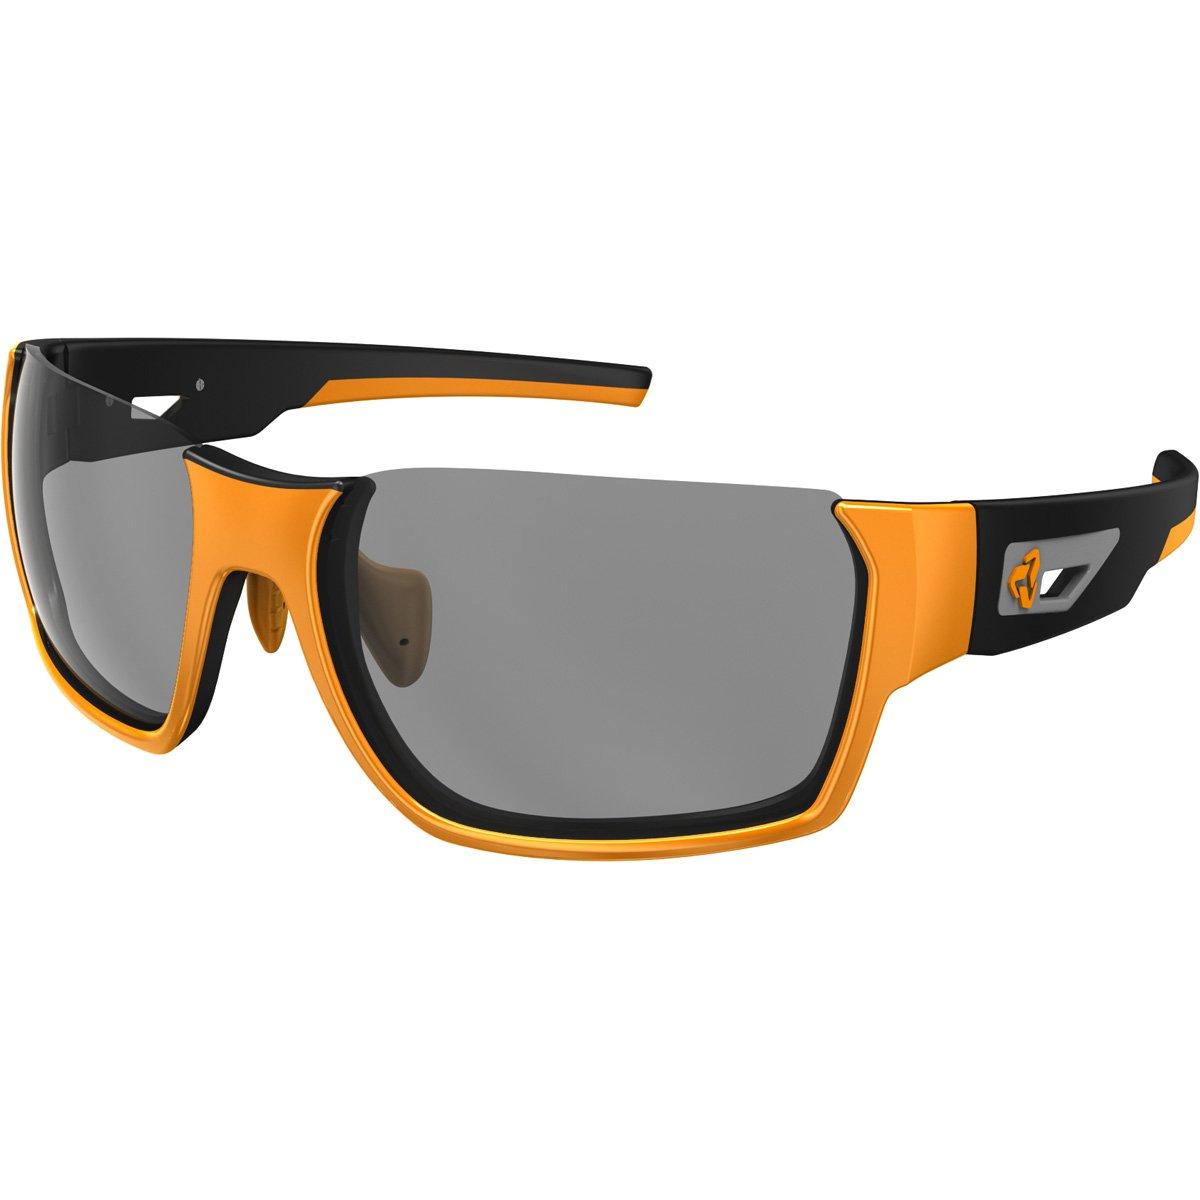 Ryders Eyewear Invert velopolar Antifogサングラス – 2トーン  VELO-POLAR ORANGE-BLACK / GREY LENS ANTI-FOG B01D7X4IL8